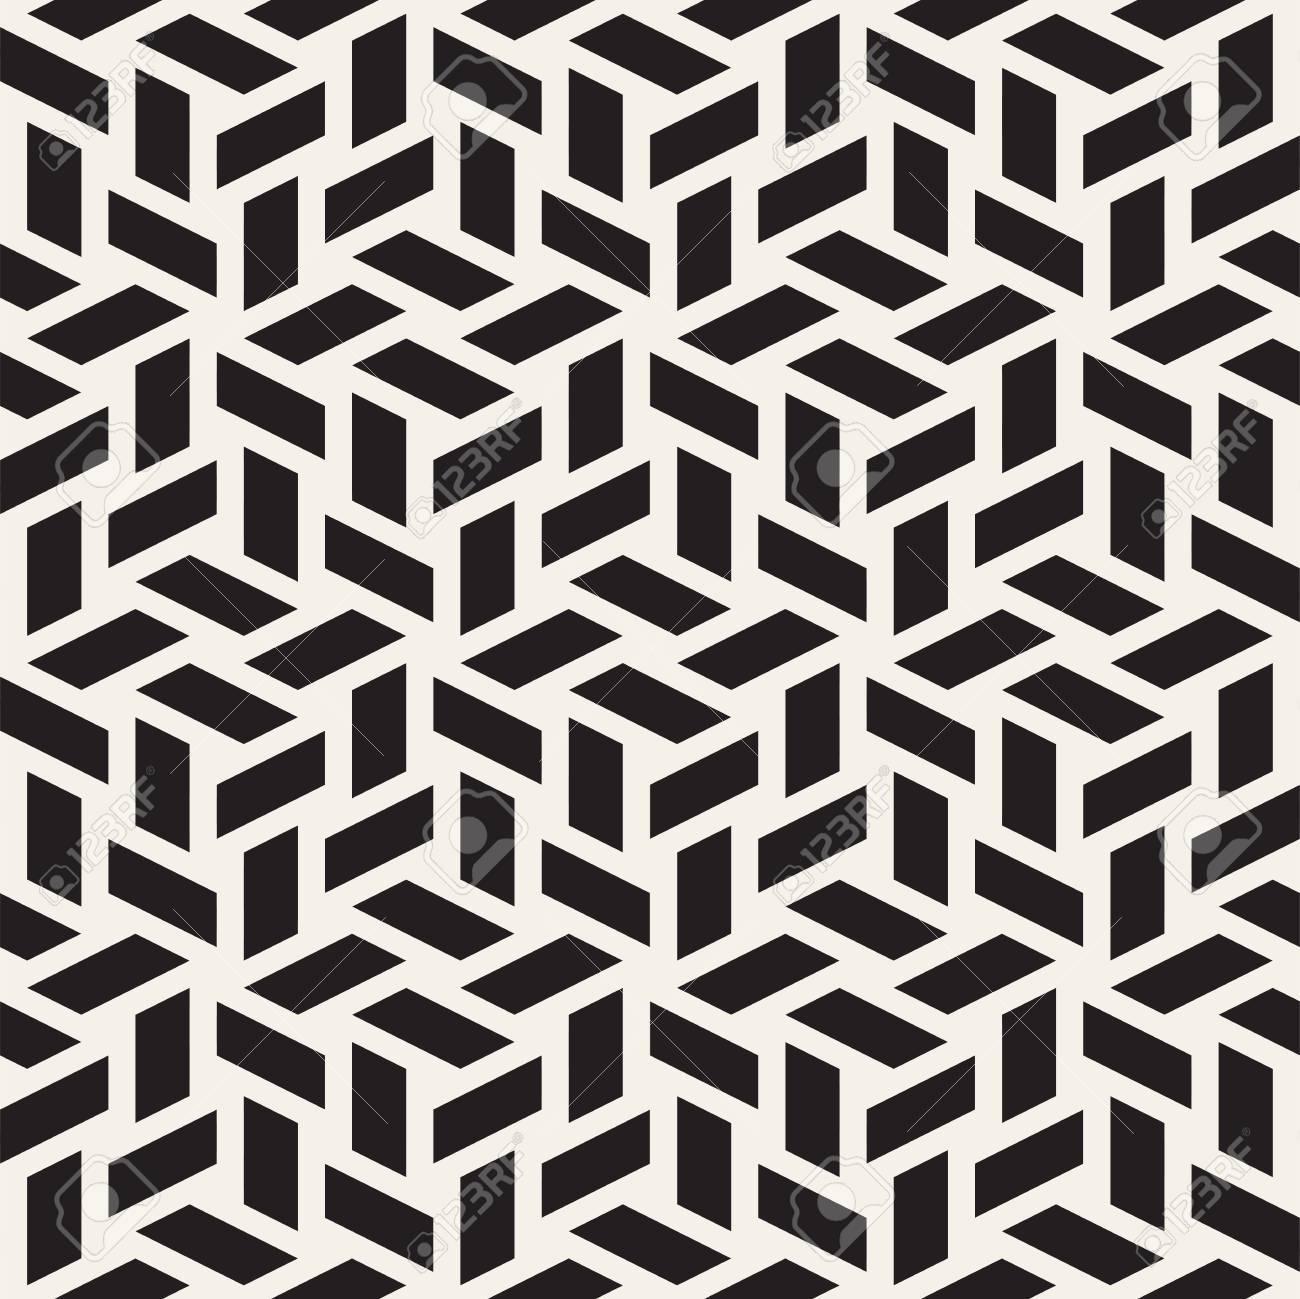 carrelage cubique sans fin texture elegante conception de fond geometrique abstraite formes de losange sans soudure noir et blanc